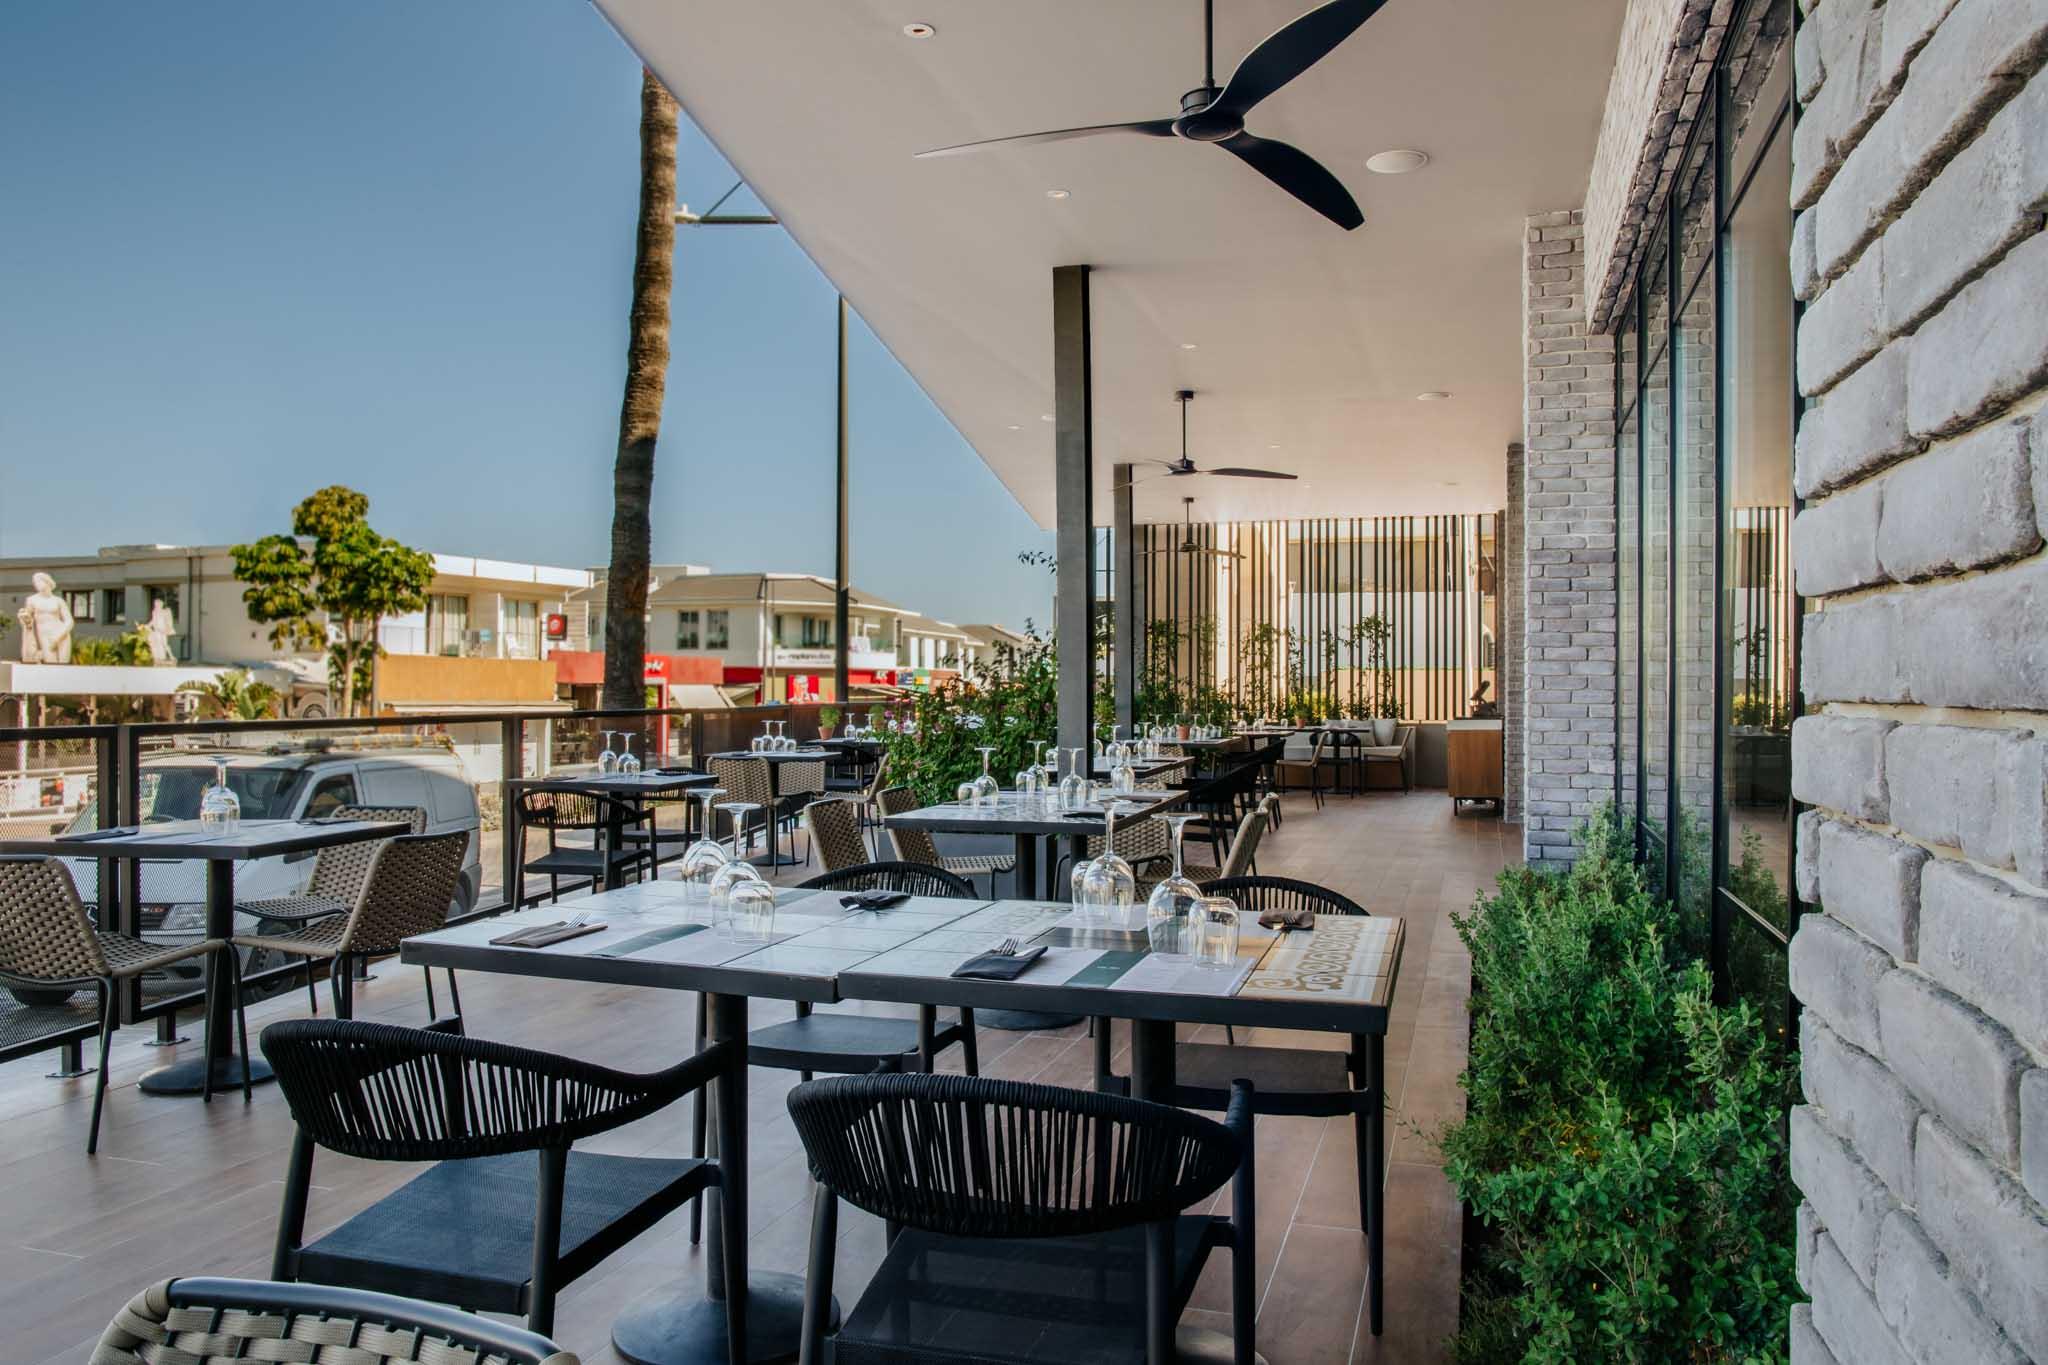 Napa-Plaza-restaurants-500